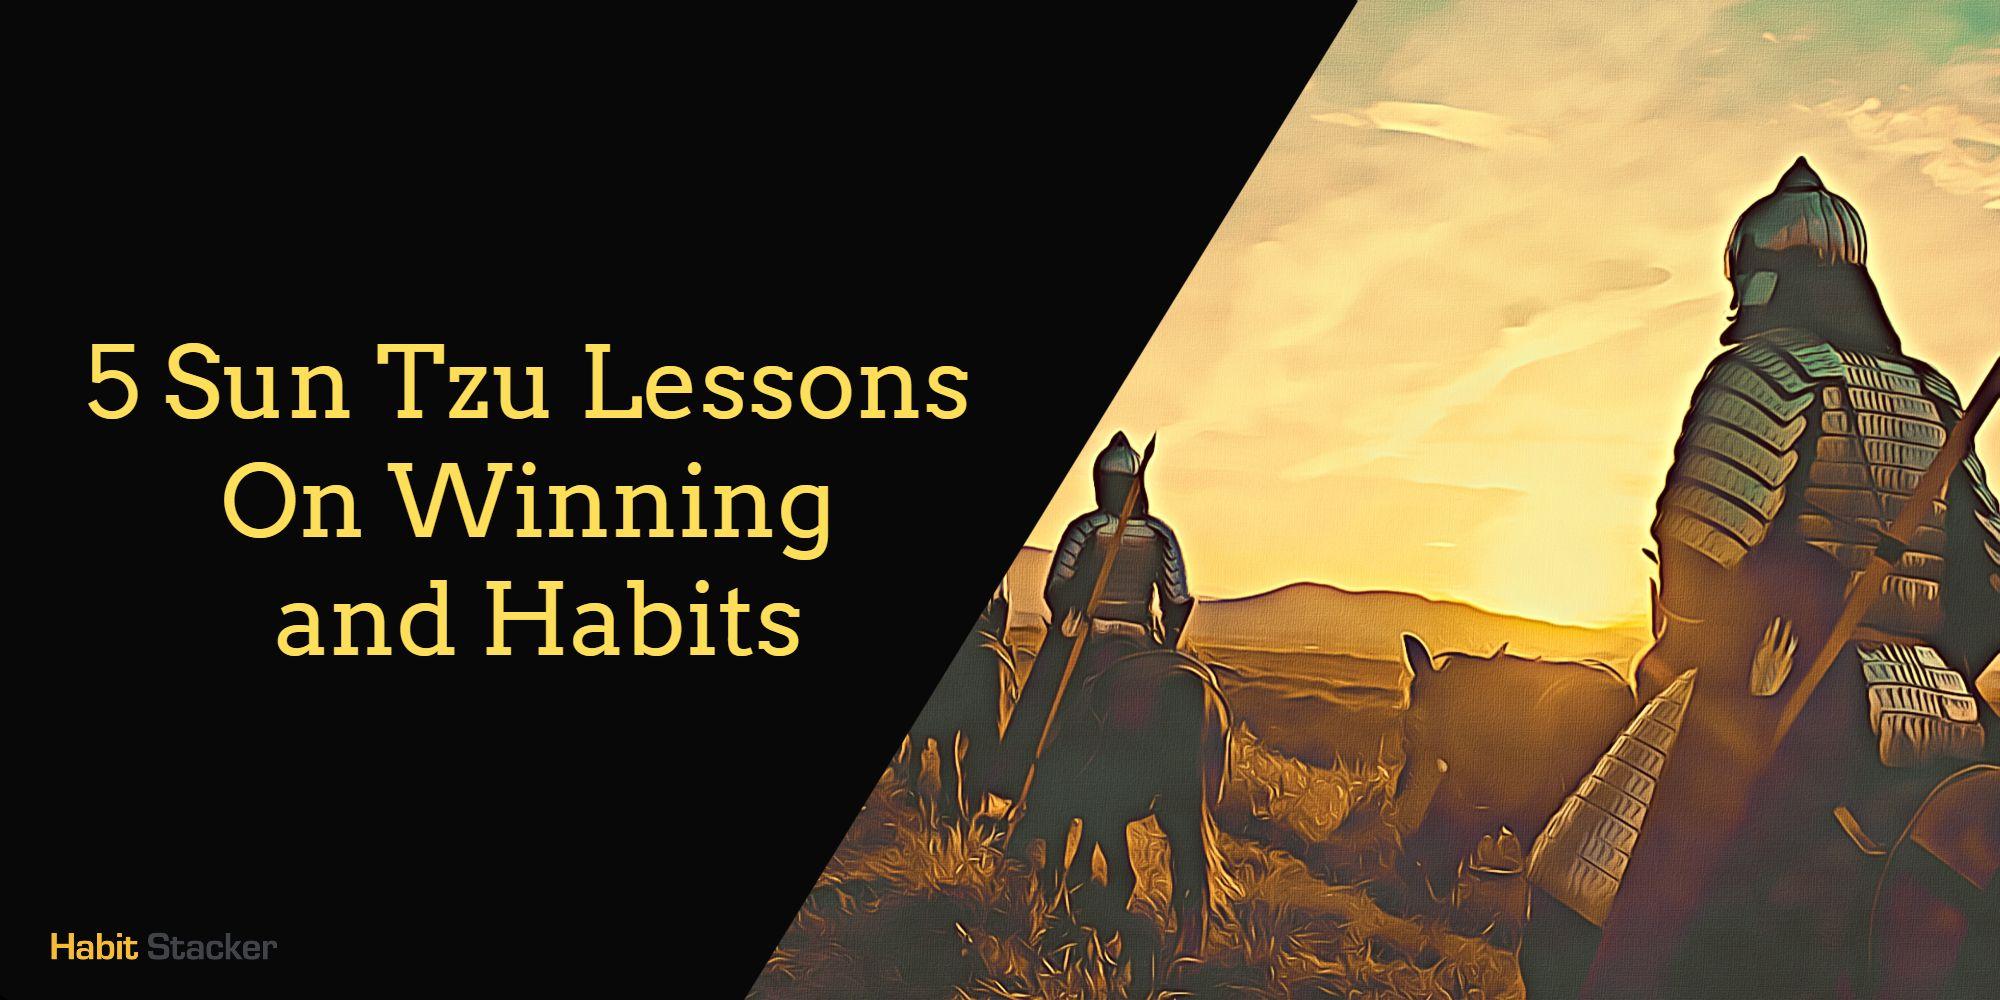 Sun Tzu Lessons